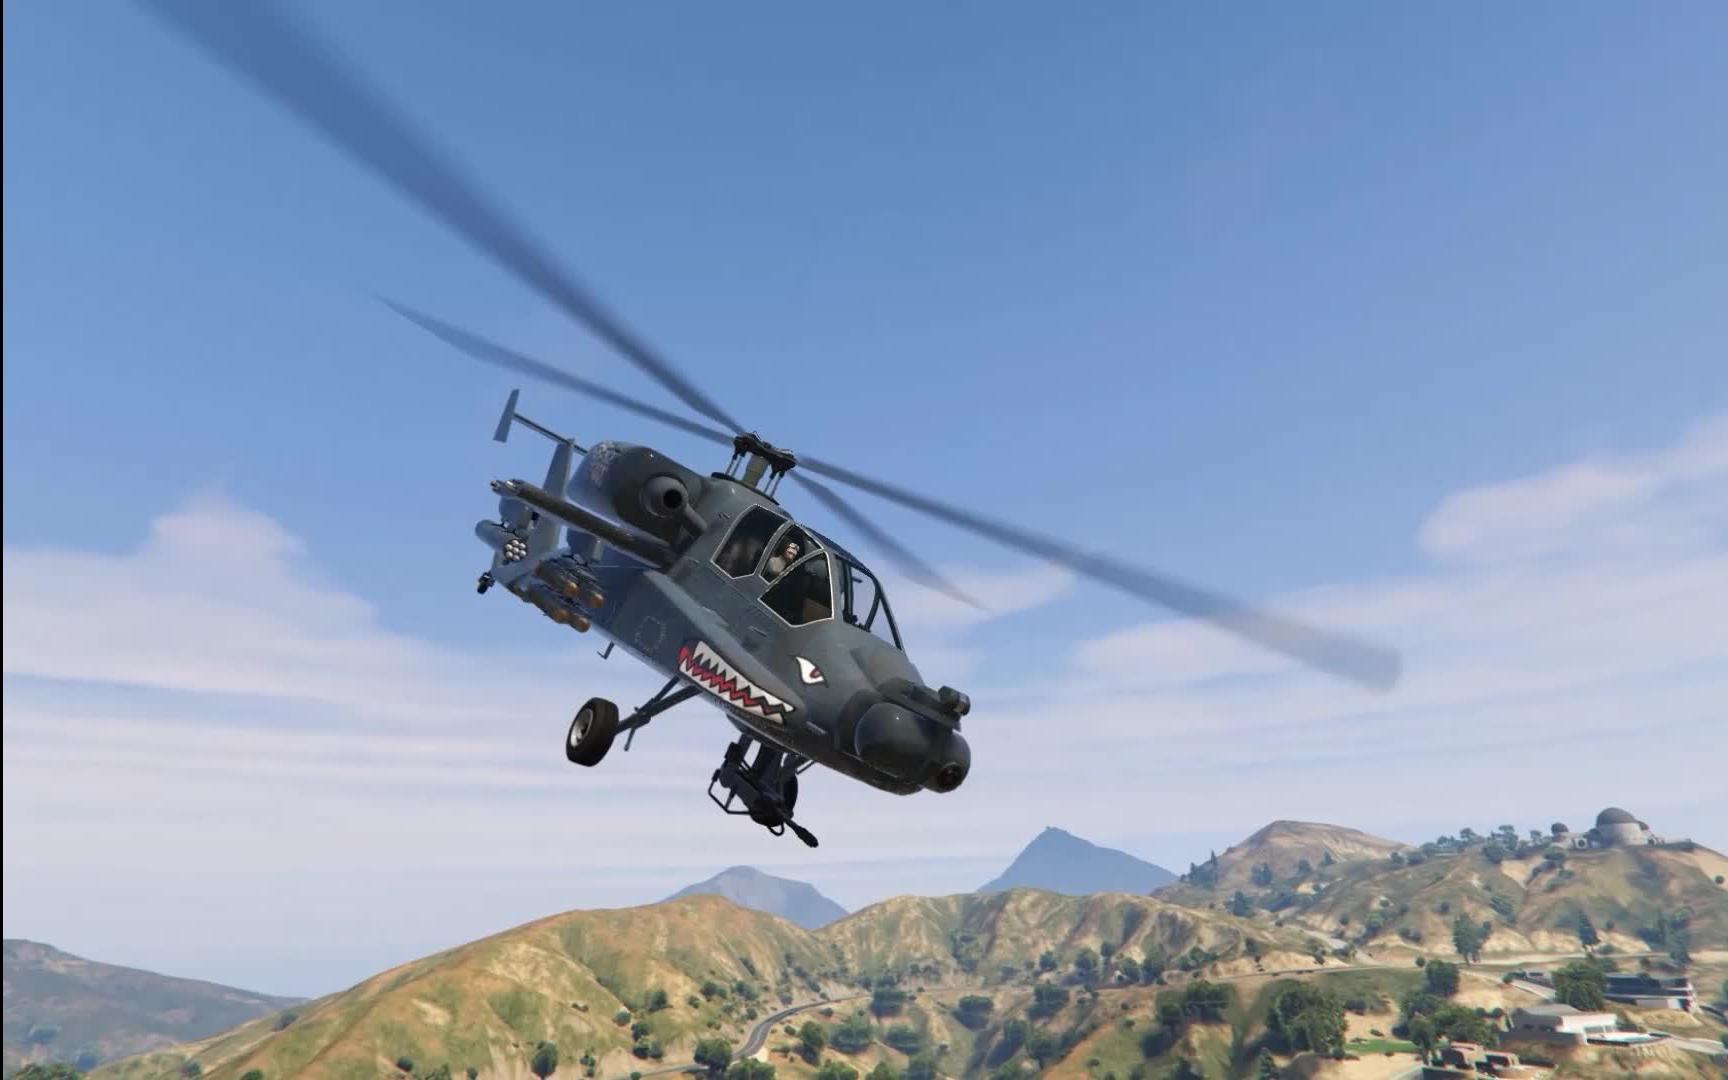 gta5 走私大暴走 猎杀者 阿帕奇直升机 功能评测与介绍